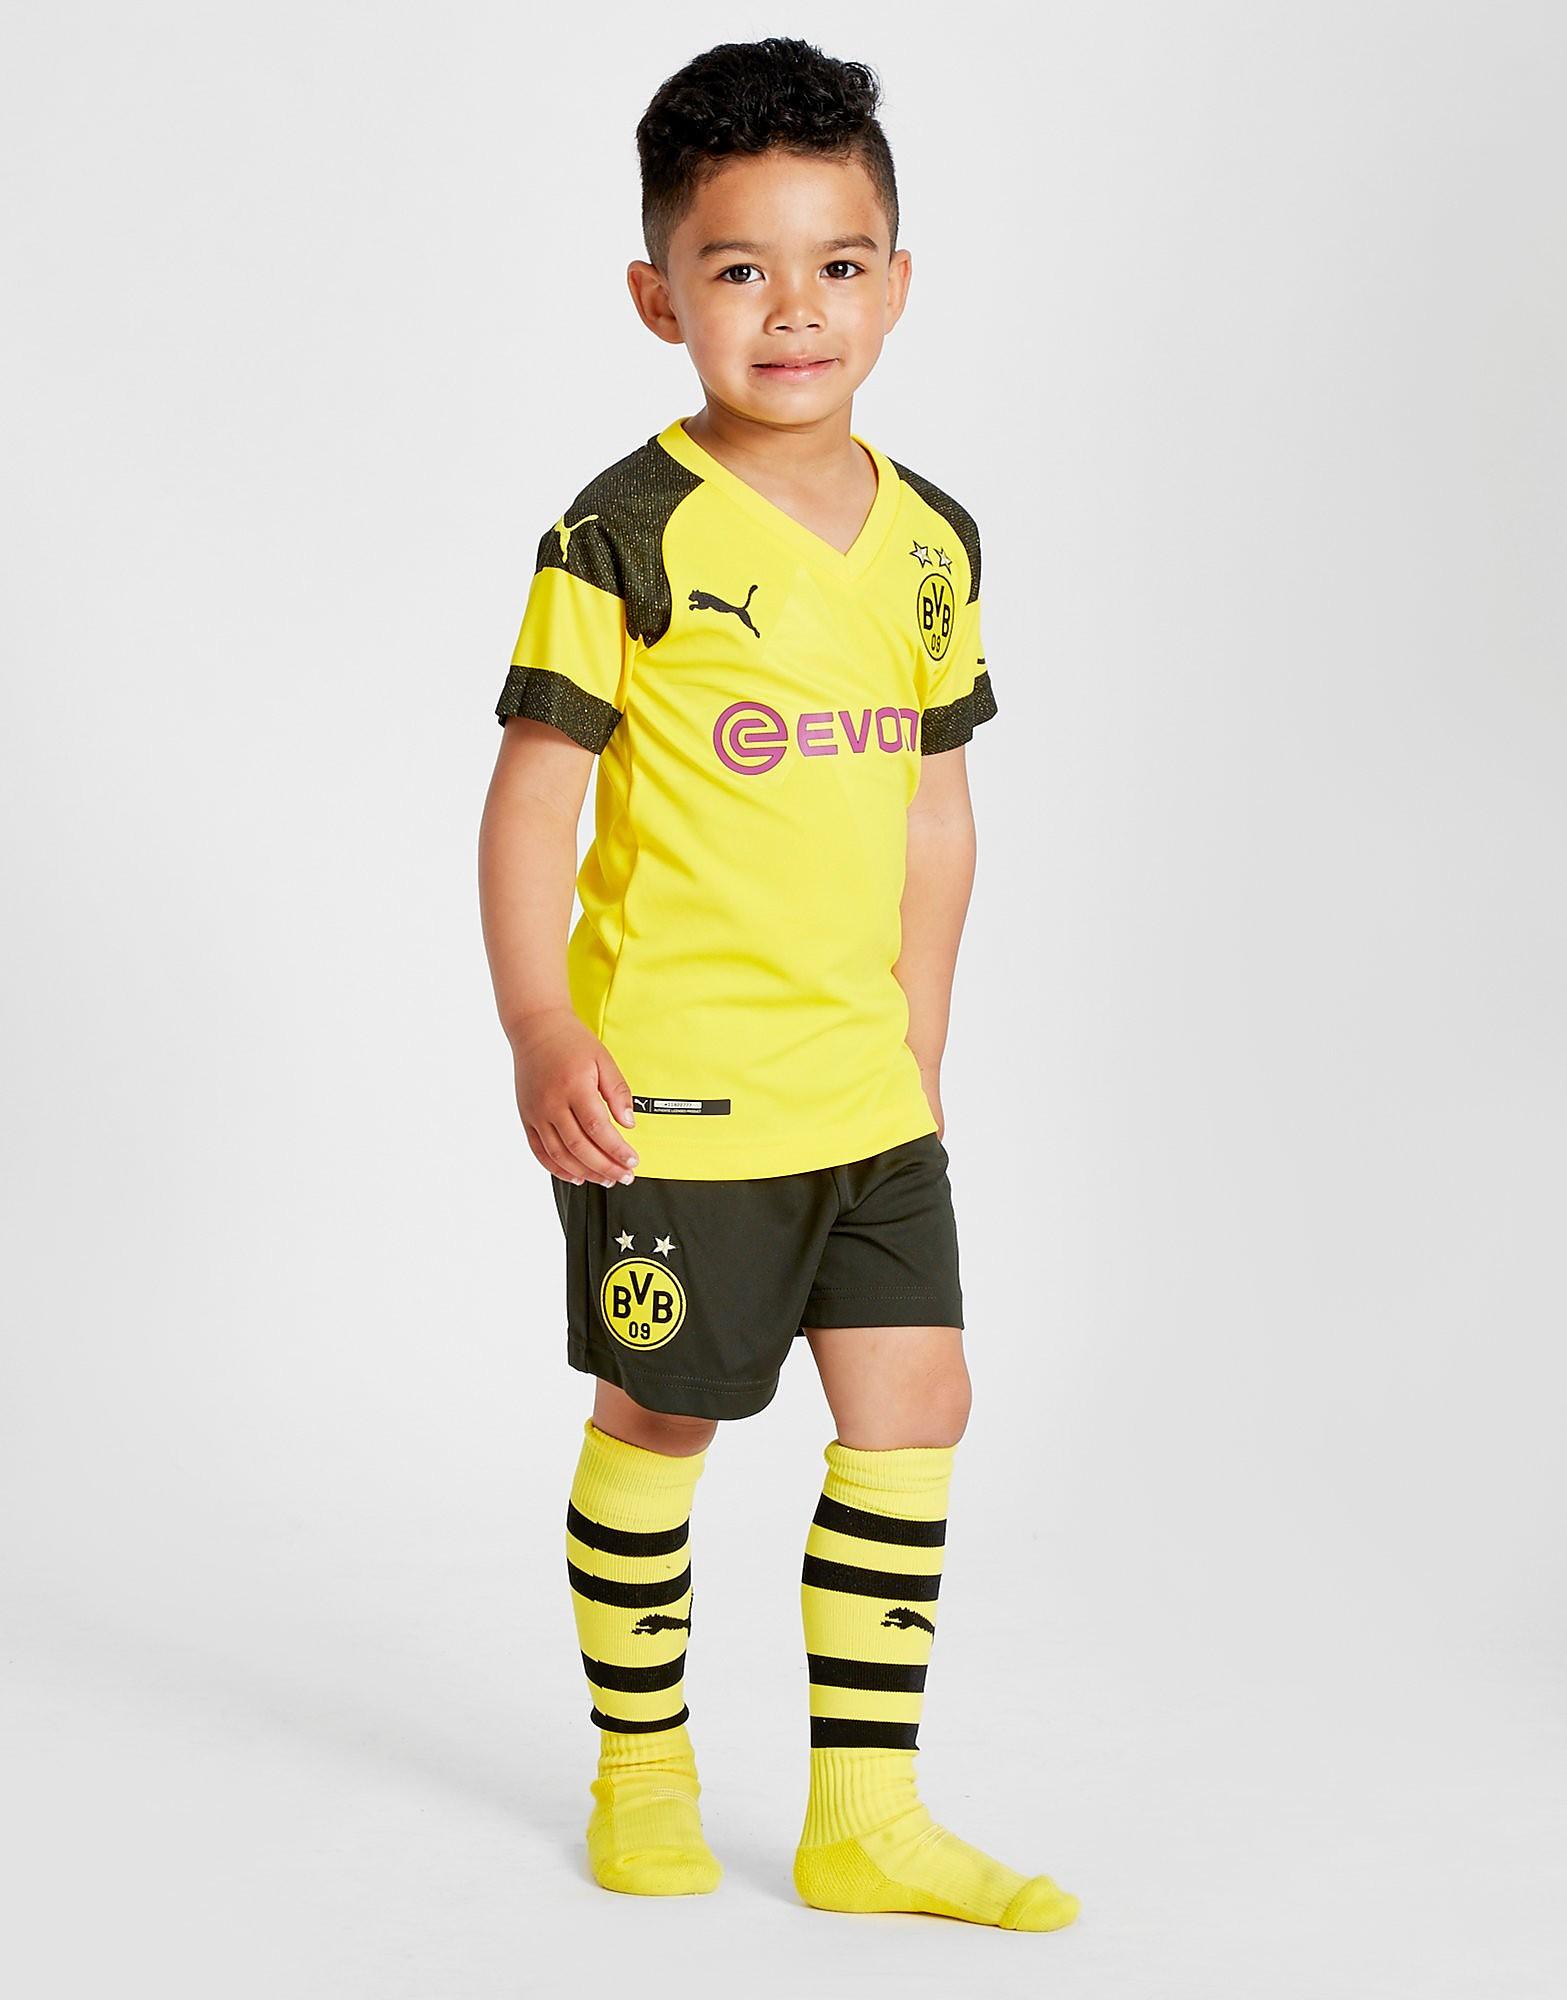 PUMA Borussia Dortmund 2018/19 Home Kit Children